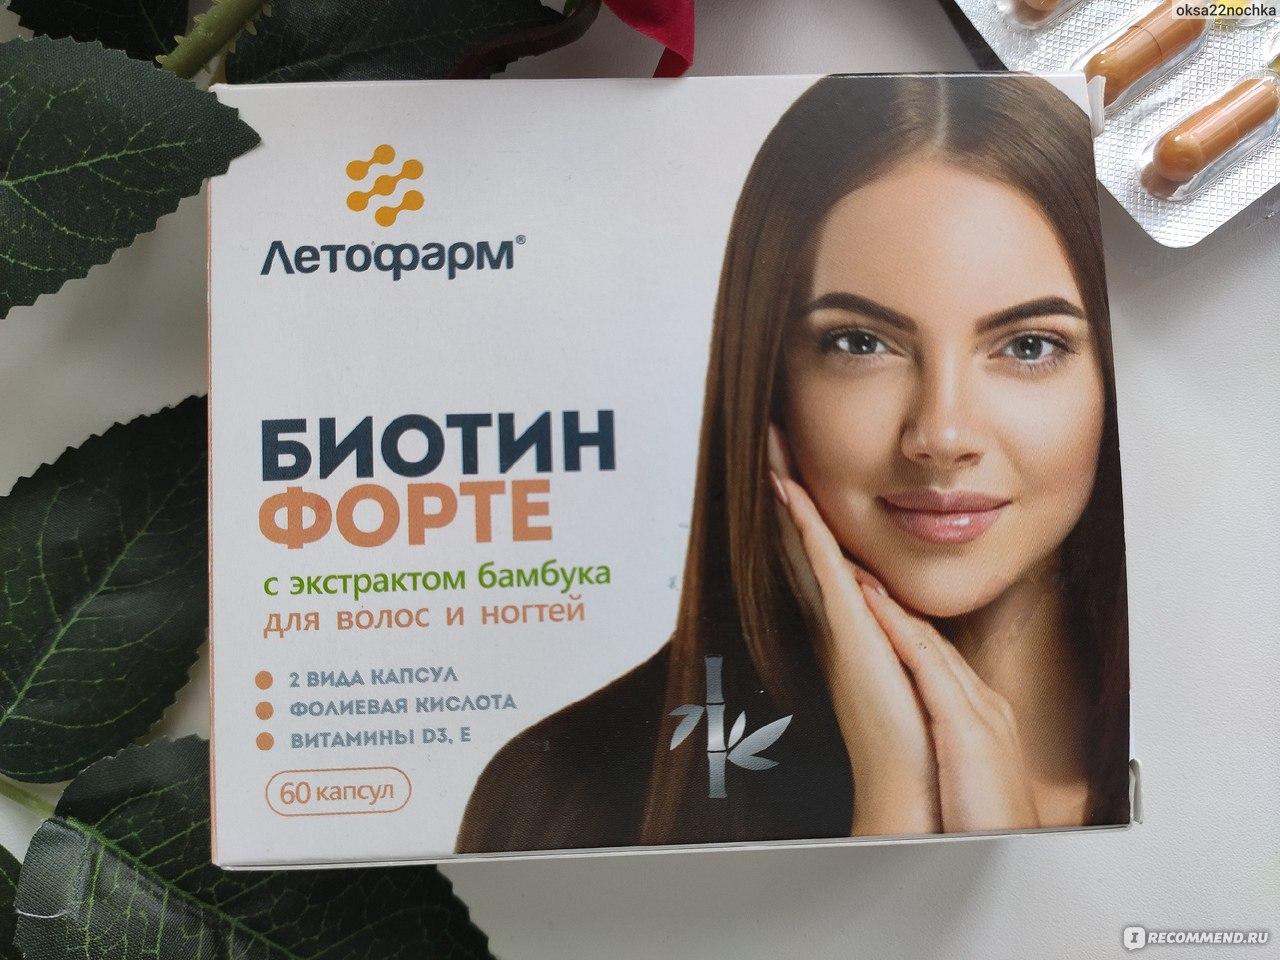 Как выбрать качественные витамины для кожи, волос и ногтей